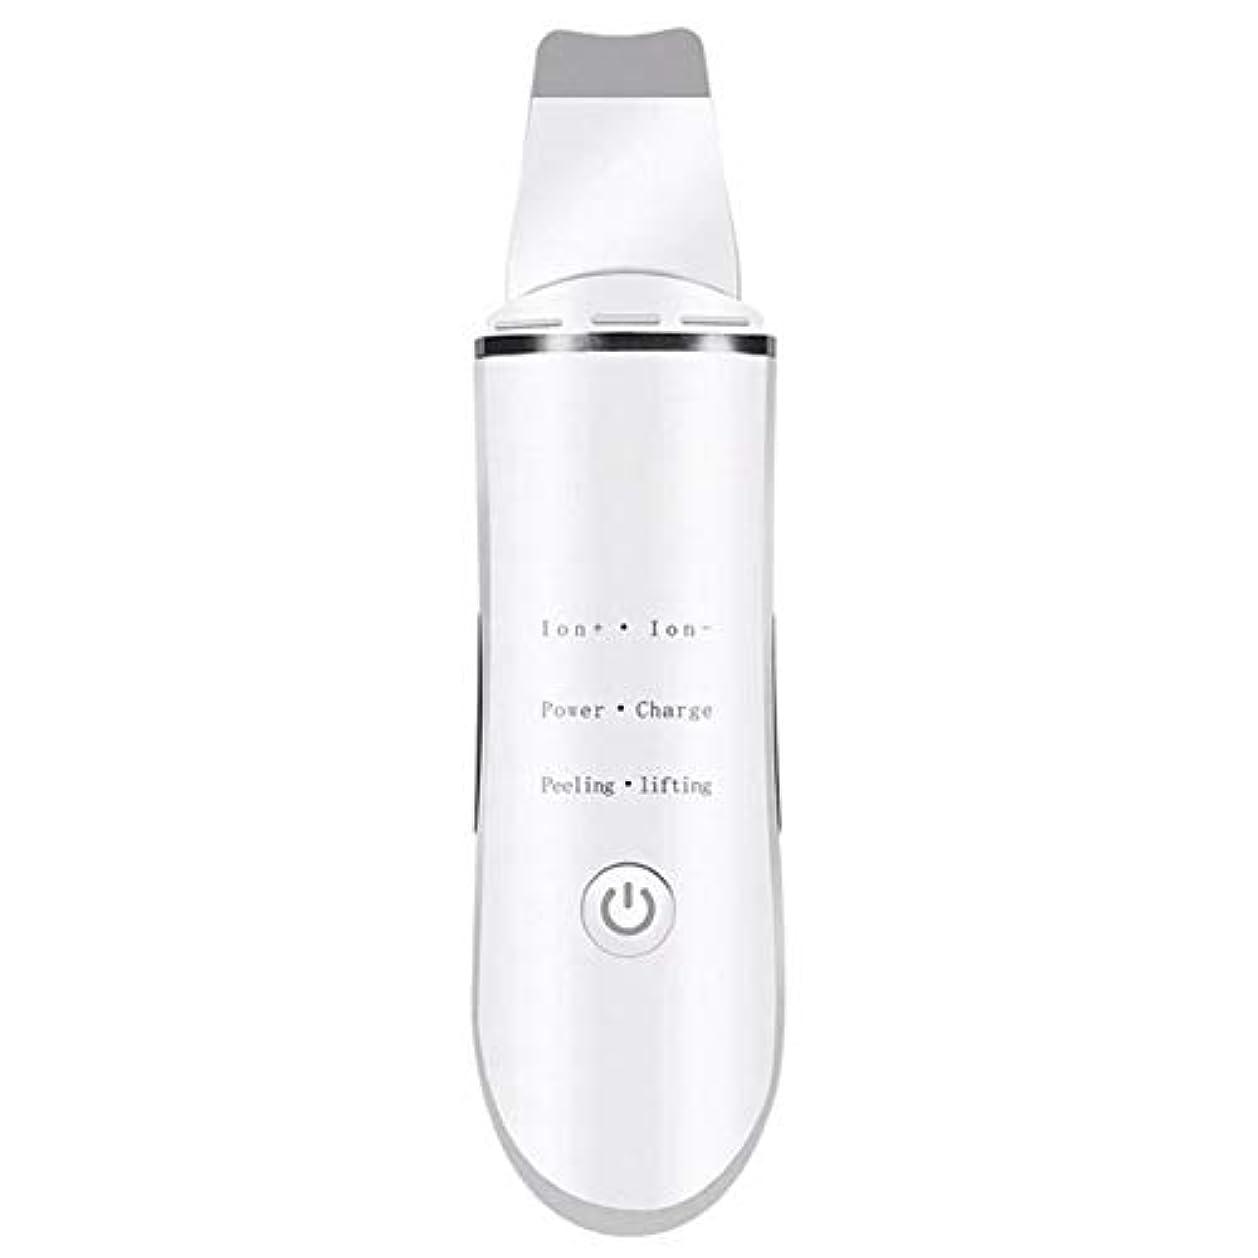 経度平らな音声学にきび除去剤, にきびを取り除く きれいな毛穴 顔を持ち上げる 超音波ショベル イオンクリーニング 電気美容器具